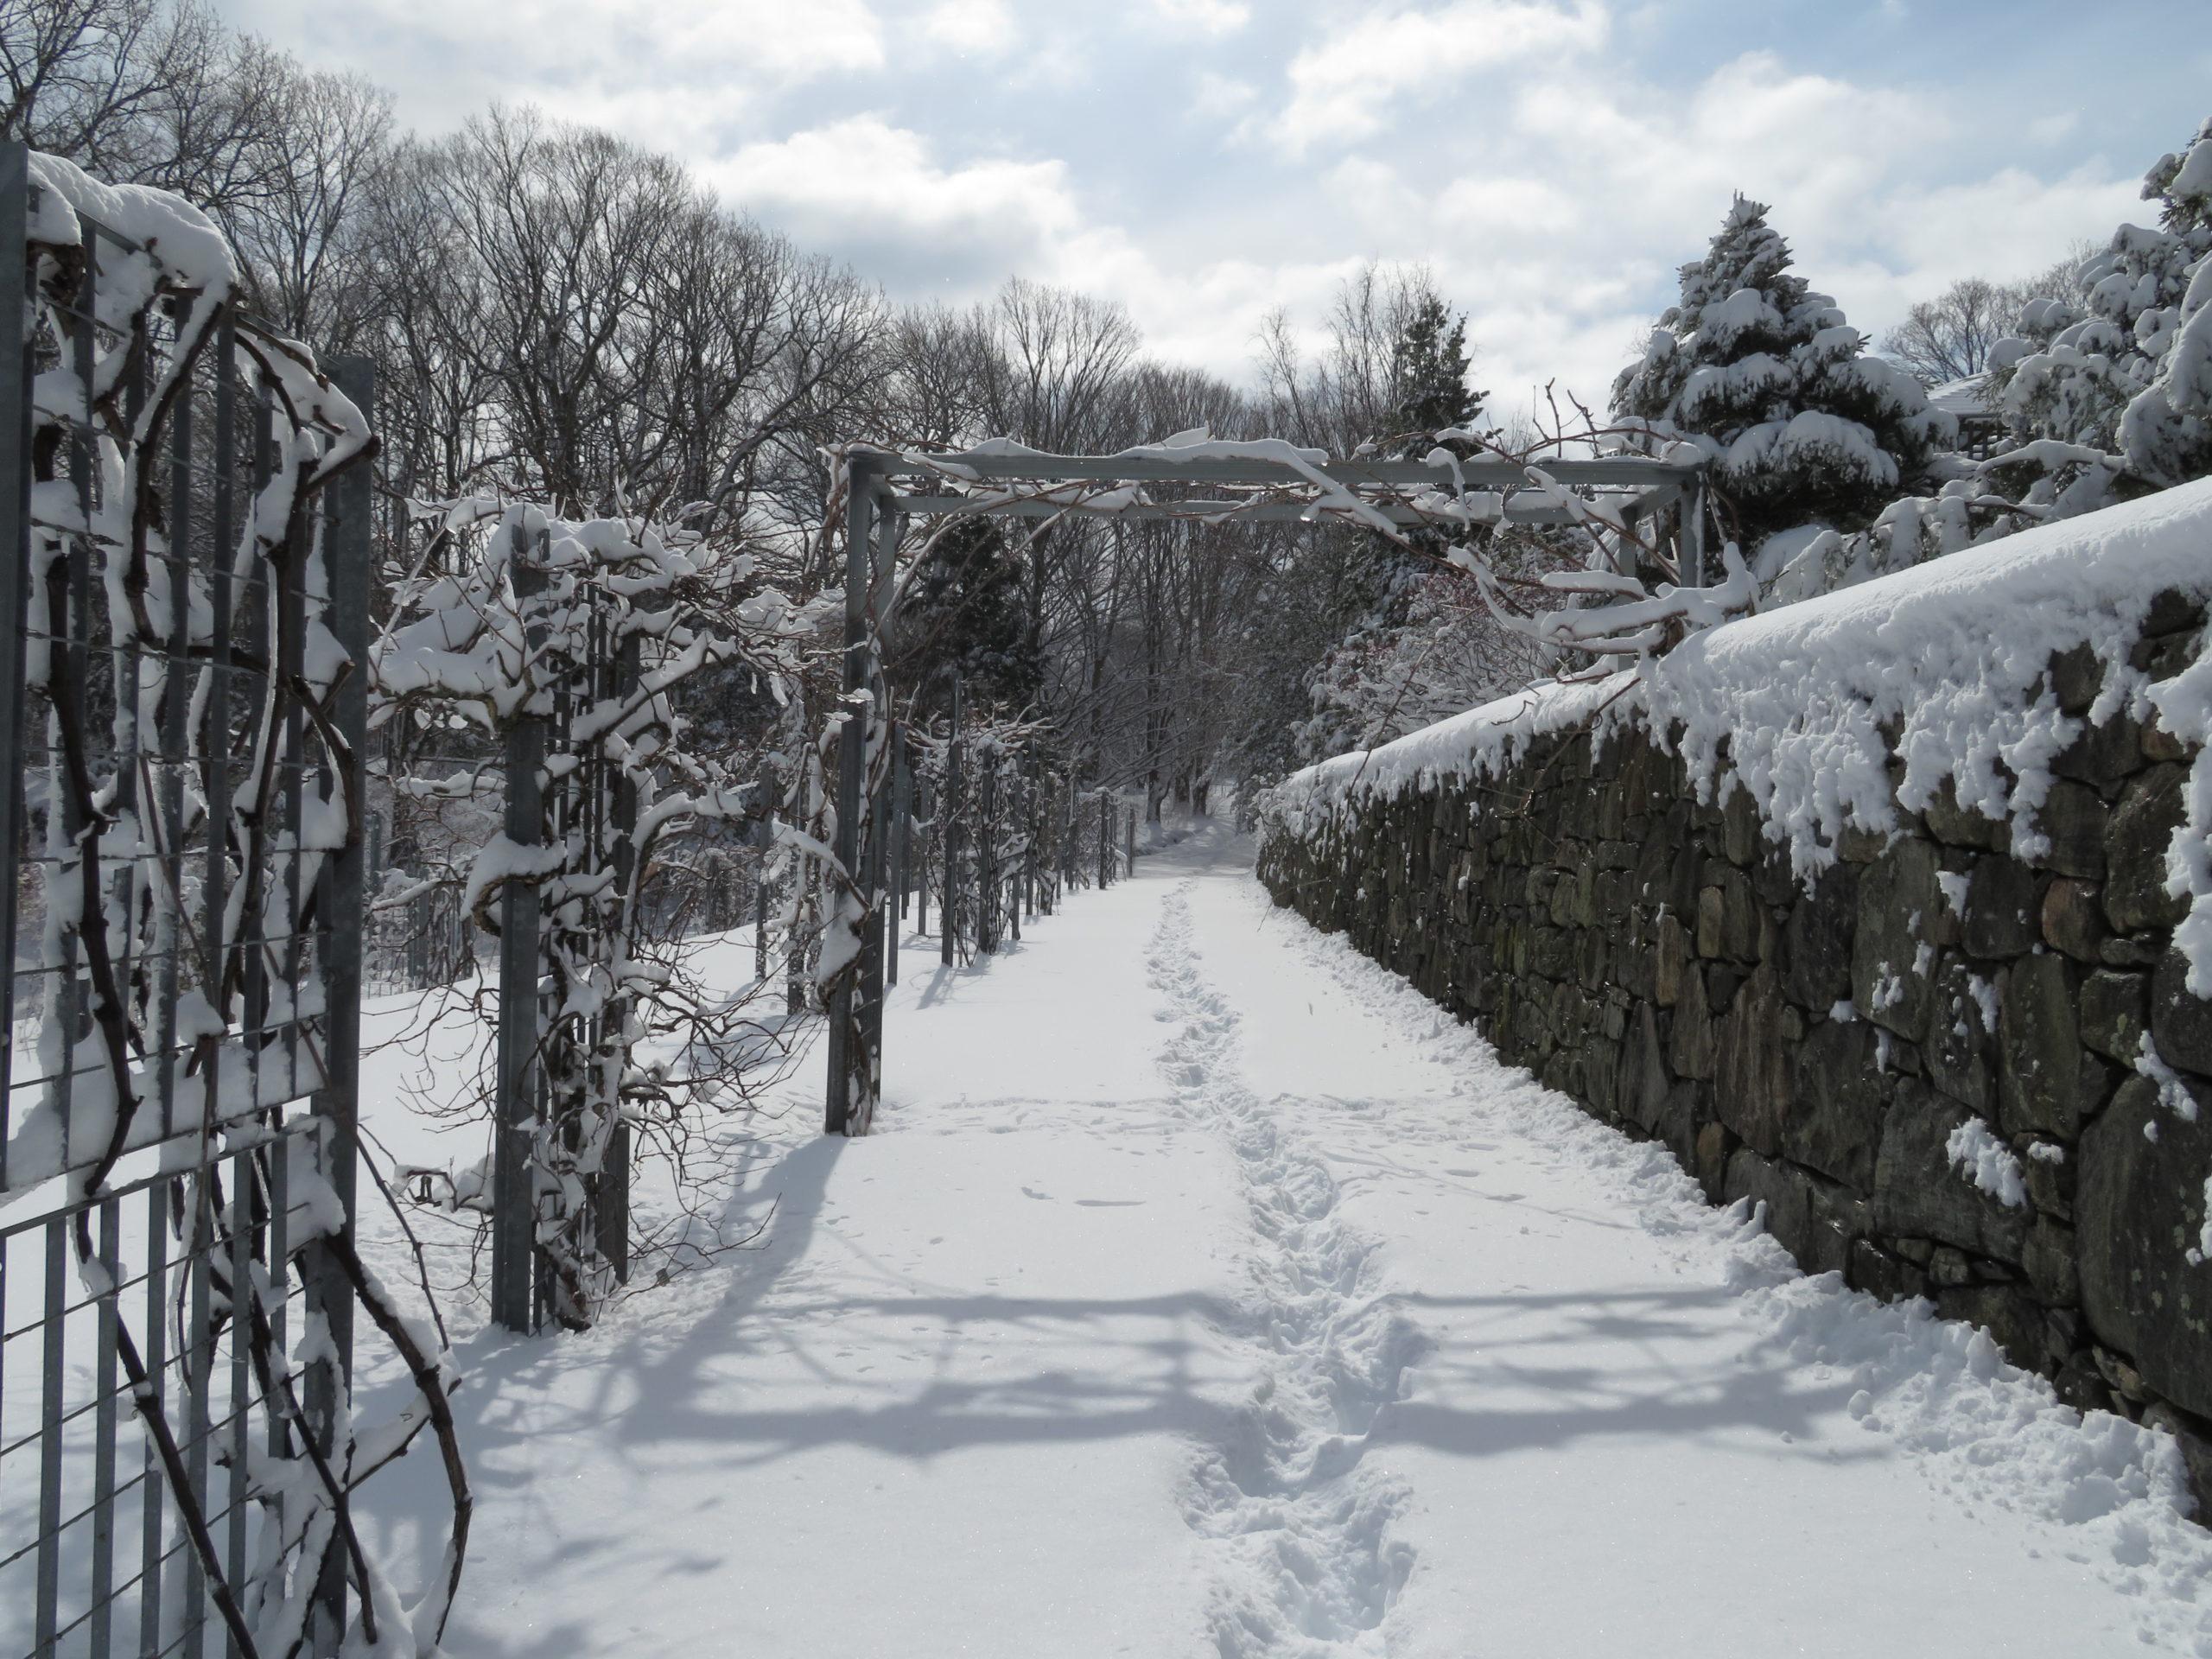 Fresh snow blankets the Leventritt Garden after a winter storm.